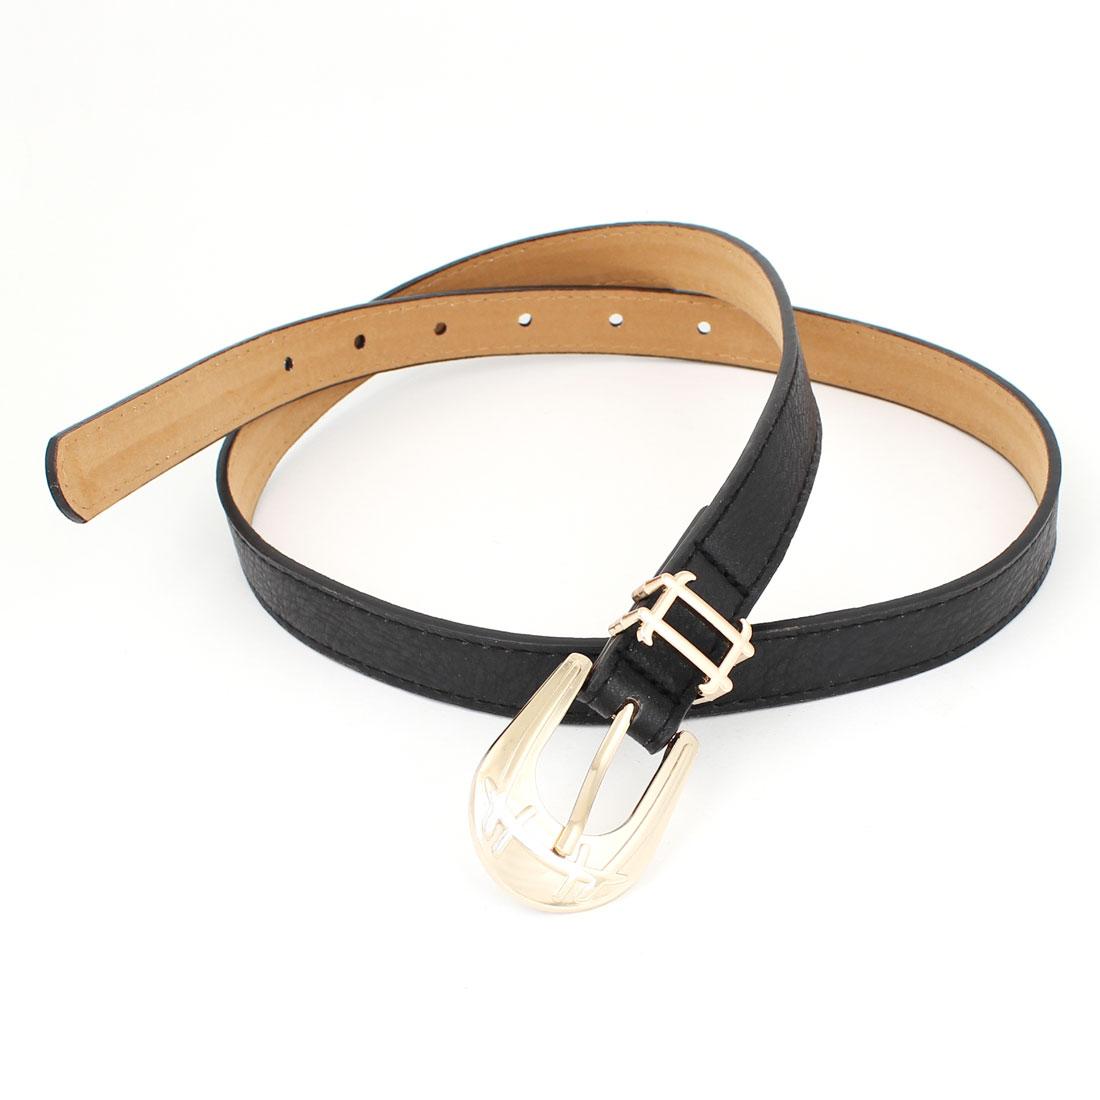 Black Faux Leather One Prong Buckle Adjustable Slender Waist Belt for Women